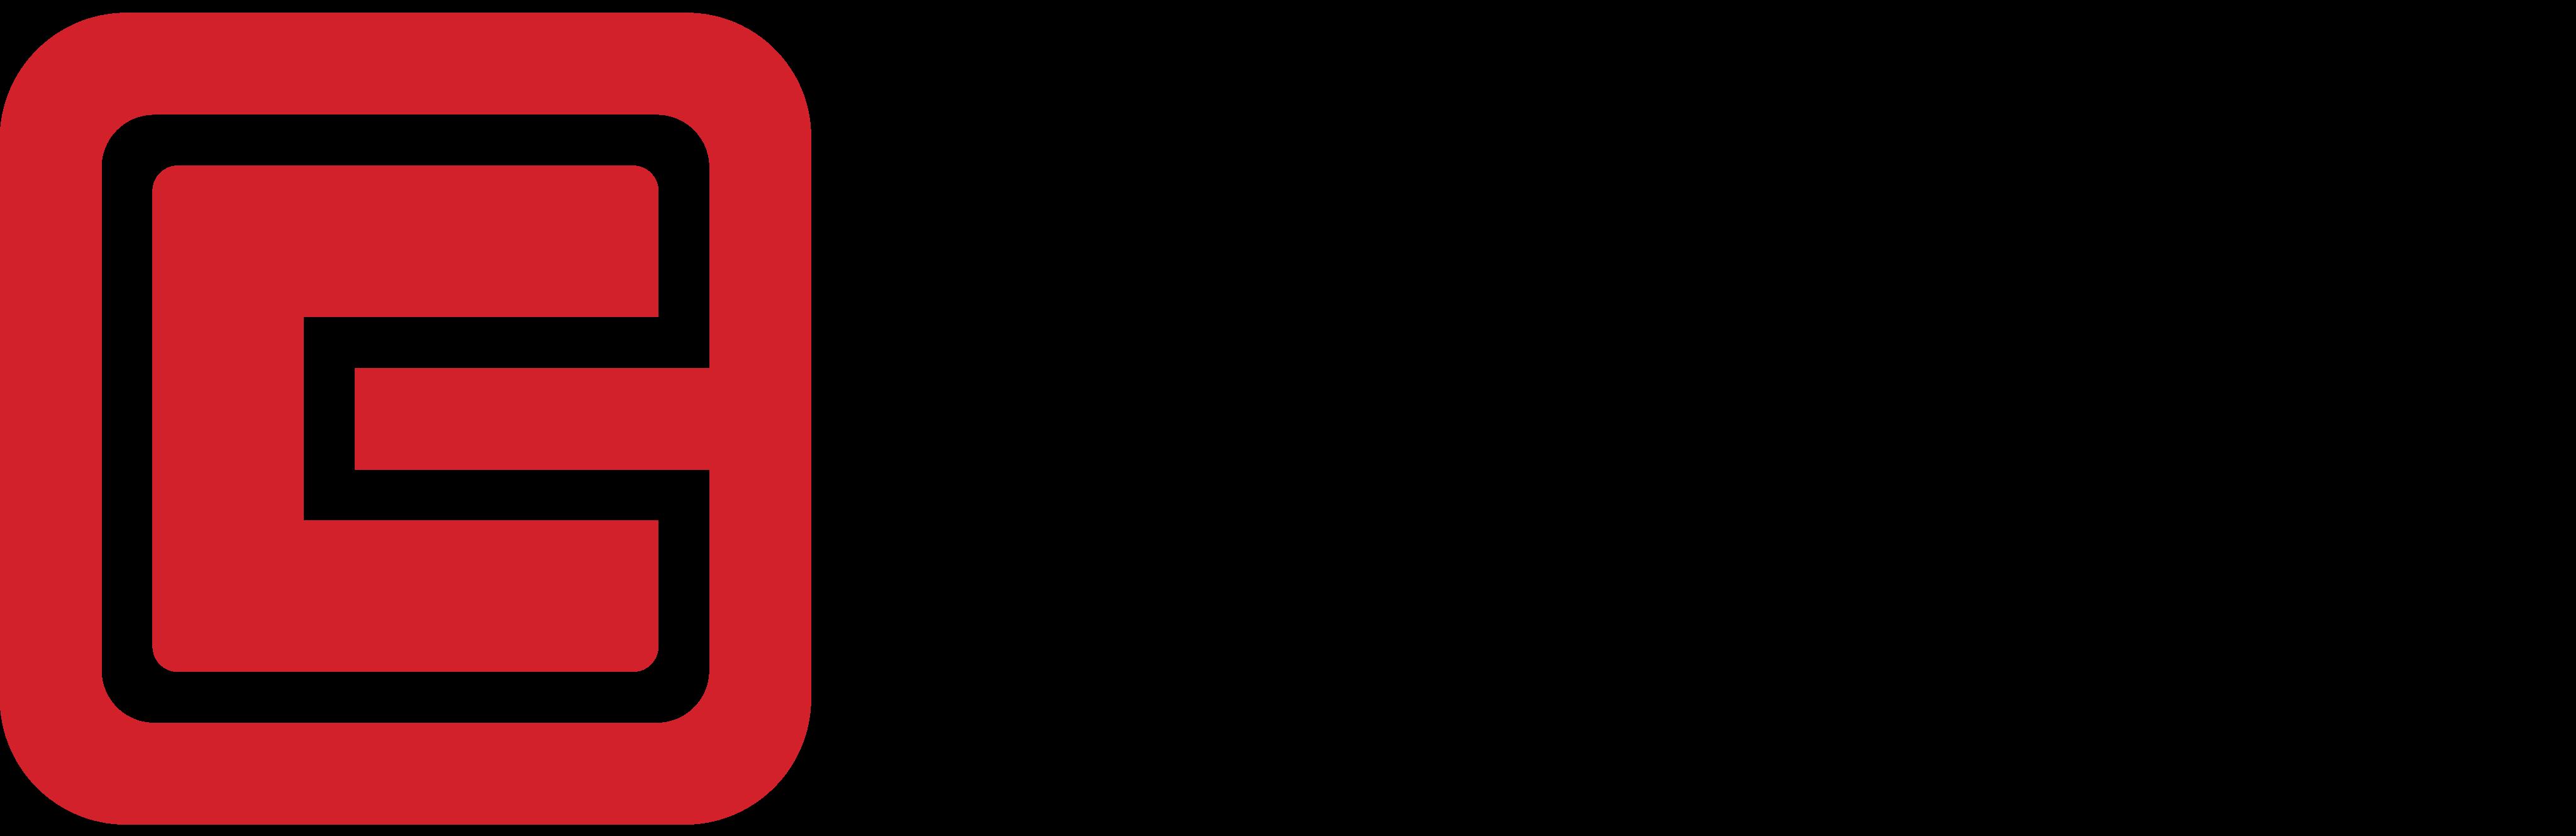 cathay bank logo 1 - Cathay Bank Logo